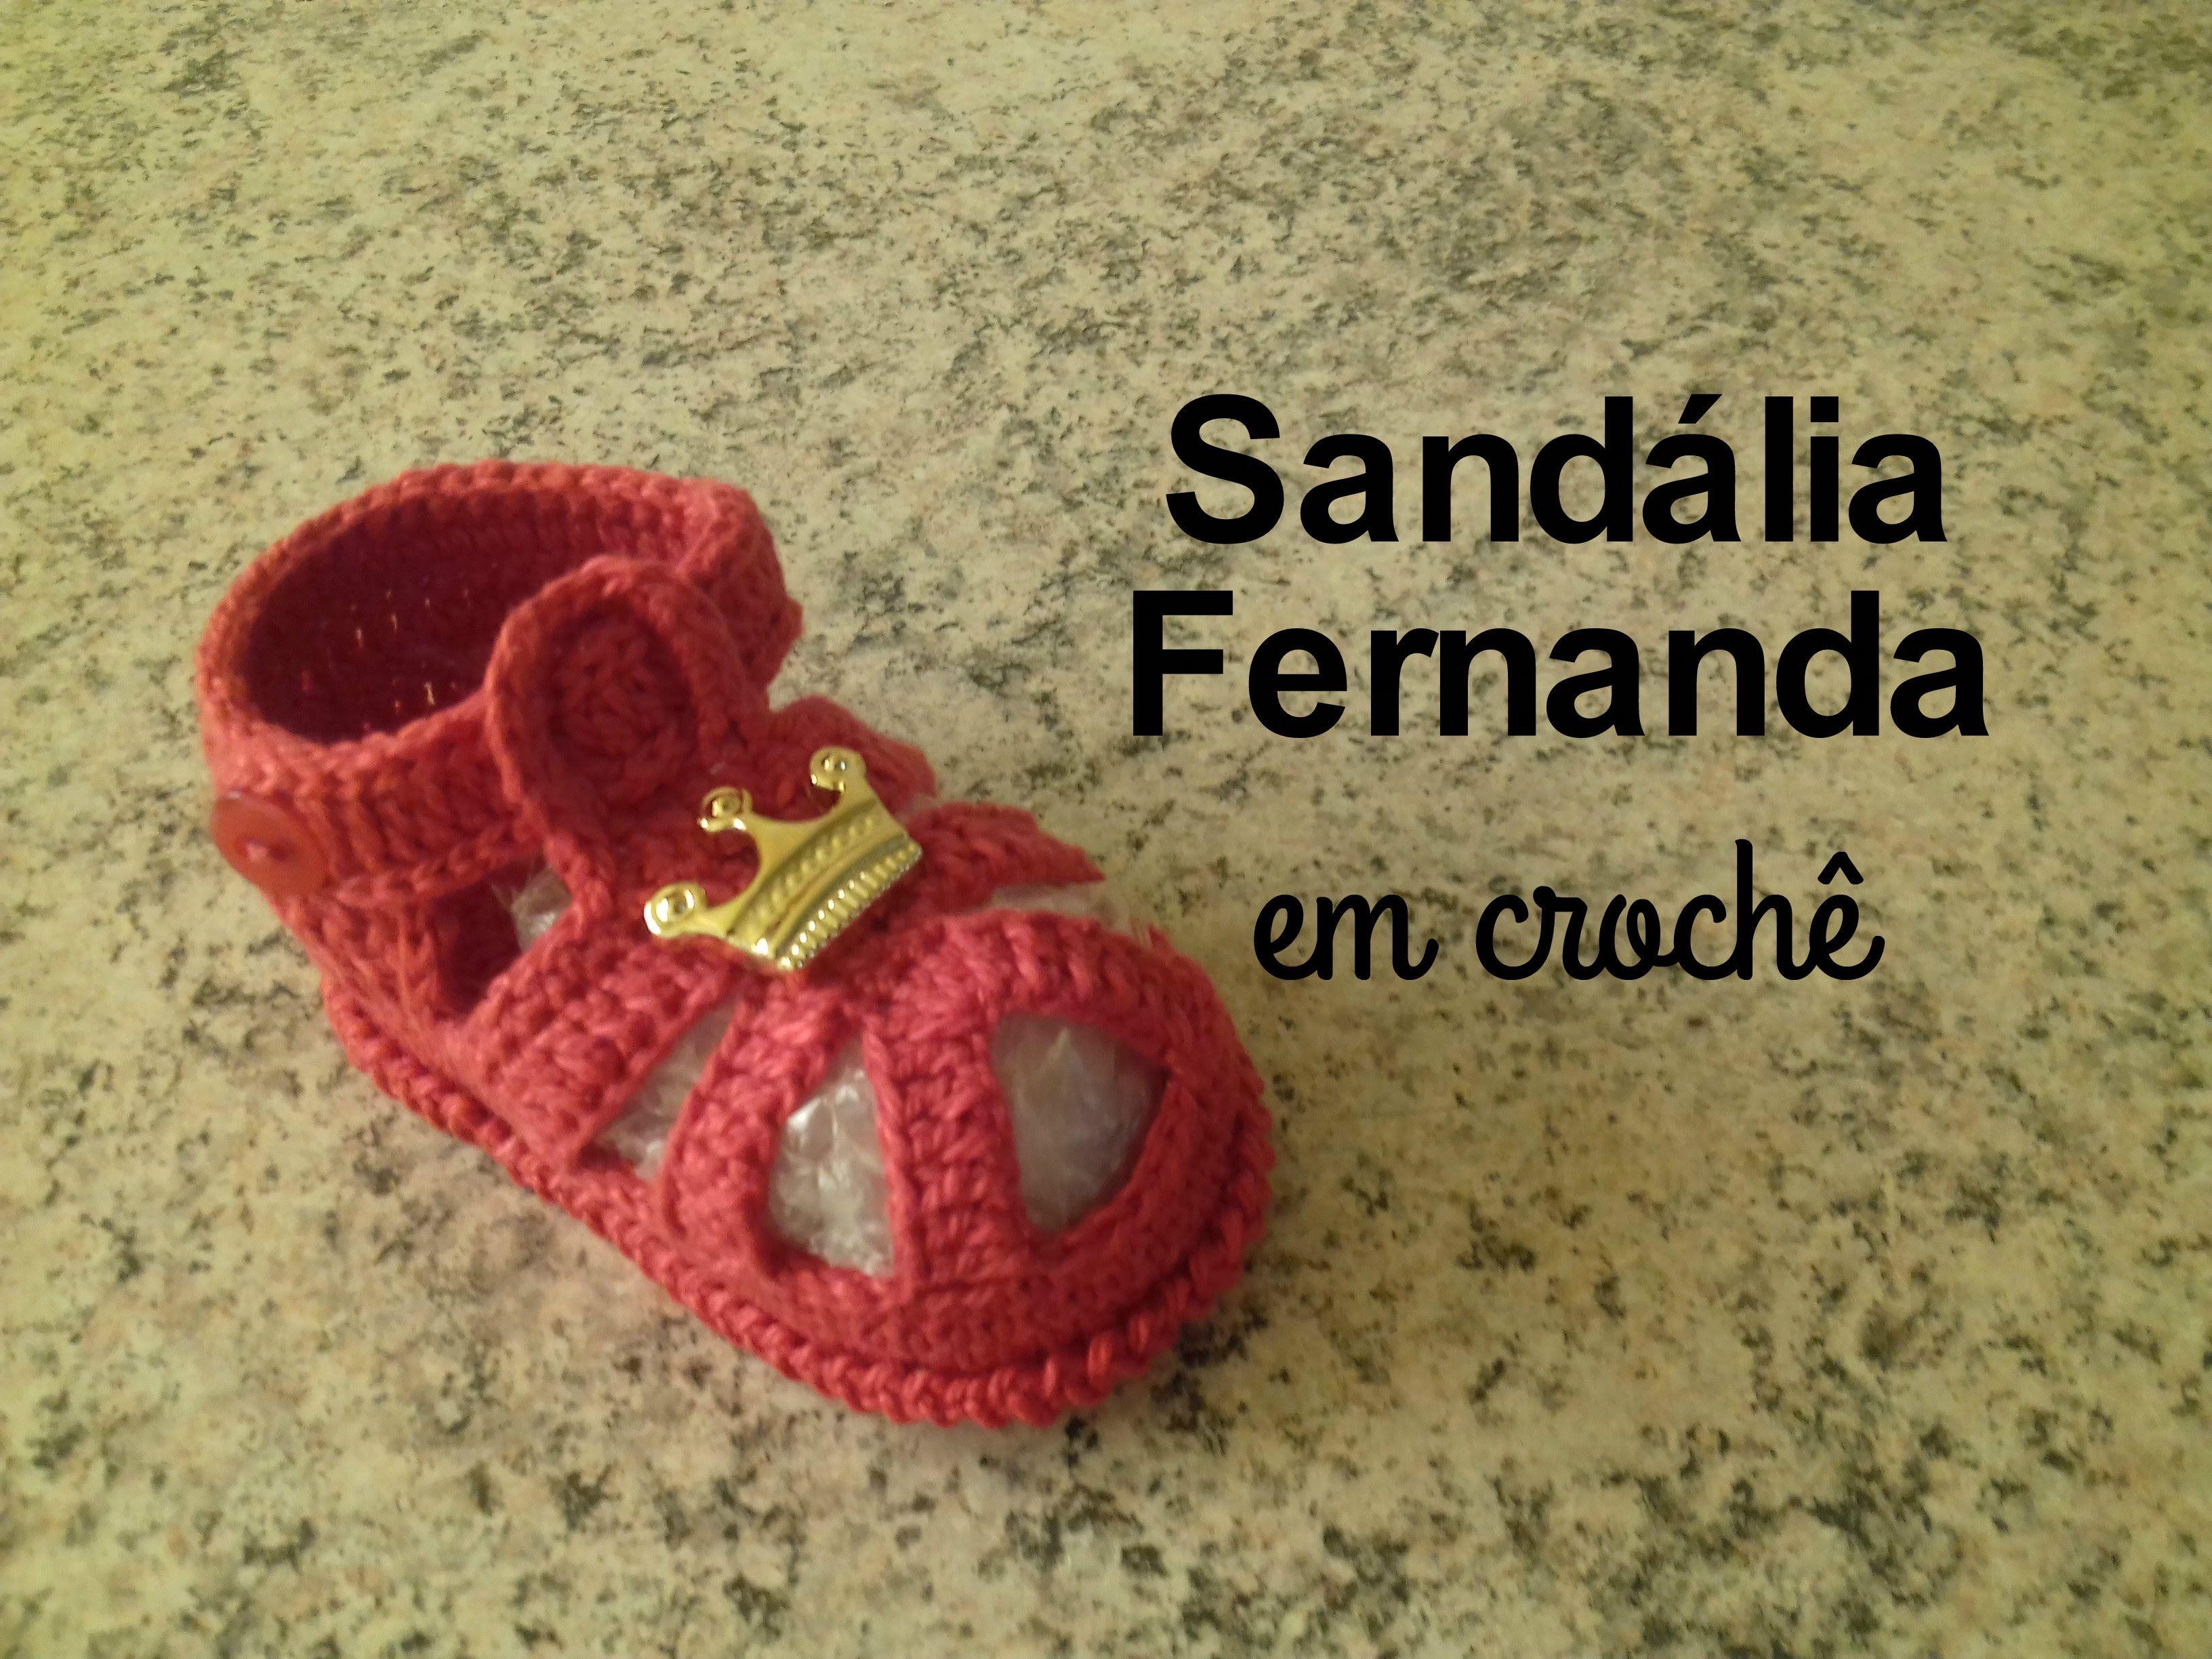 Sandália Fernanda em crochê